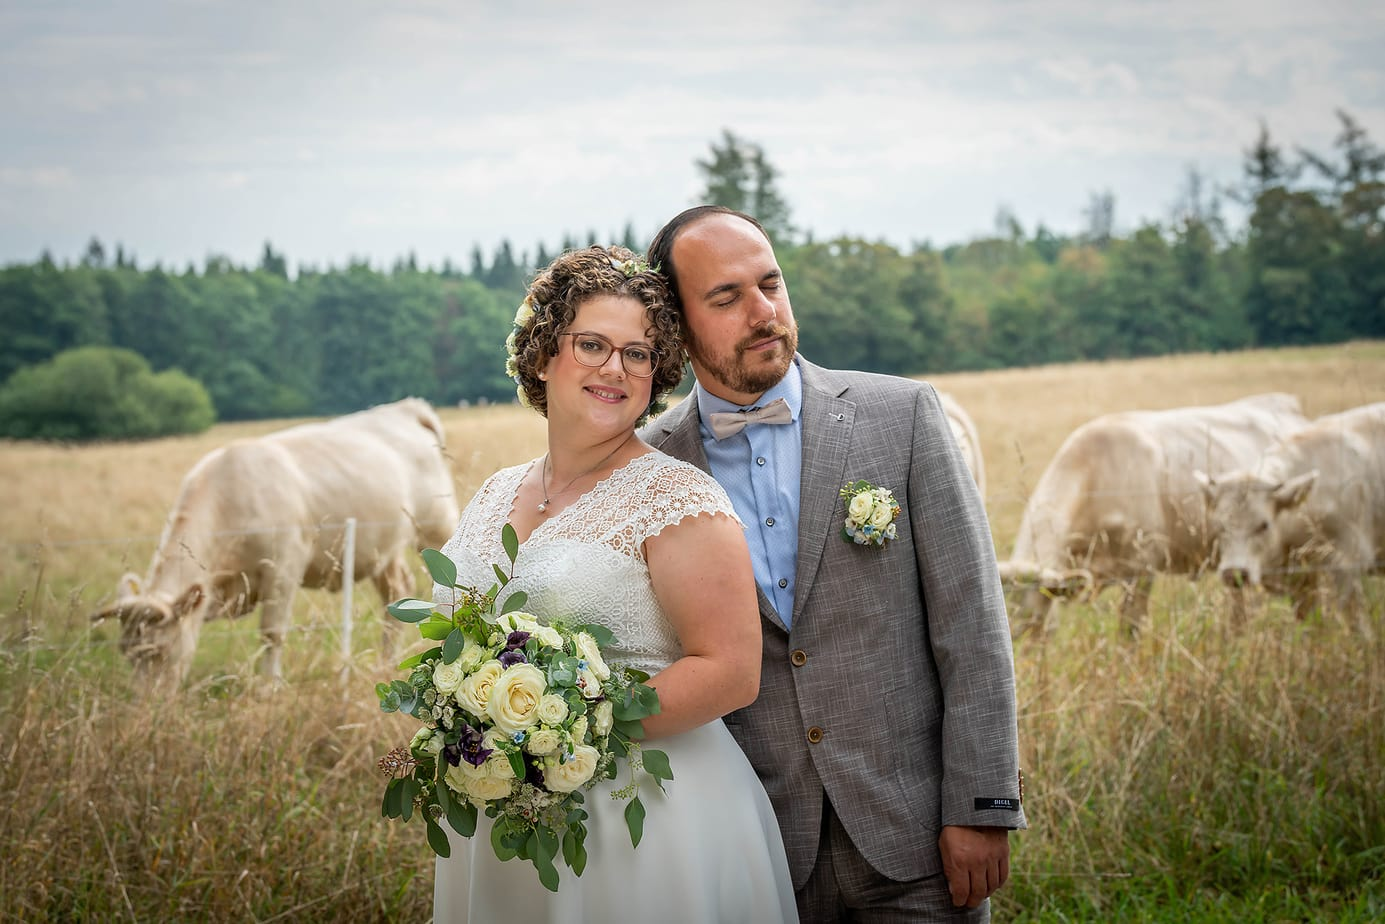 Hochzeitsbilder in der Natur